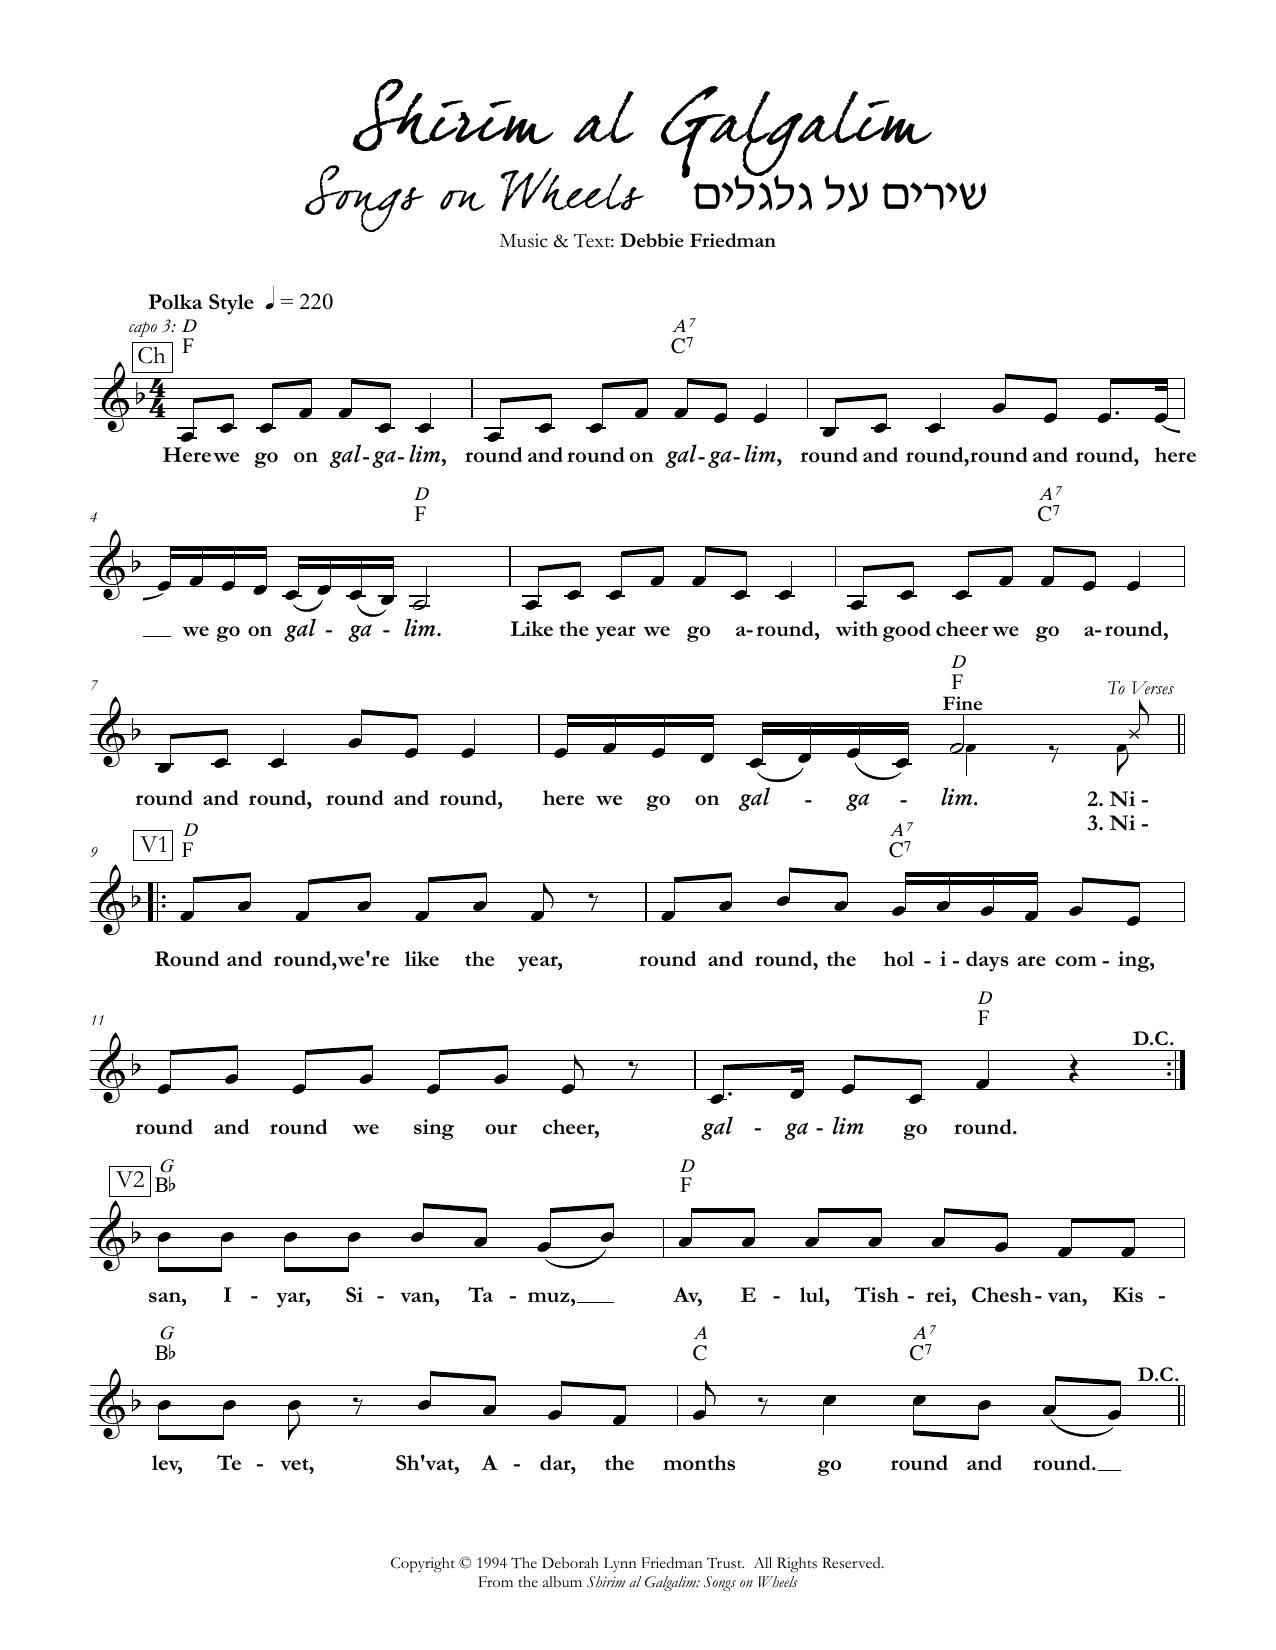 Shirim al Galgalim: Songs on Wheels Sheet Music